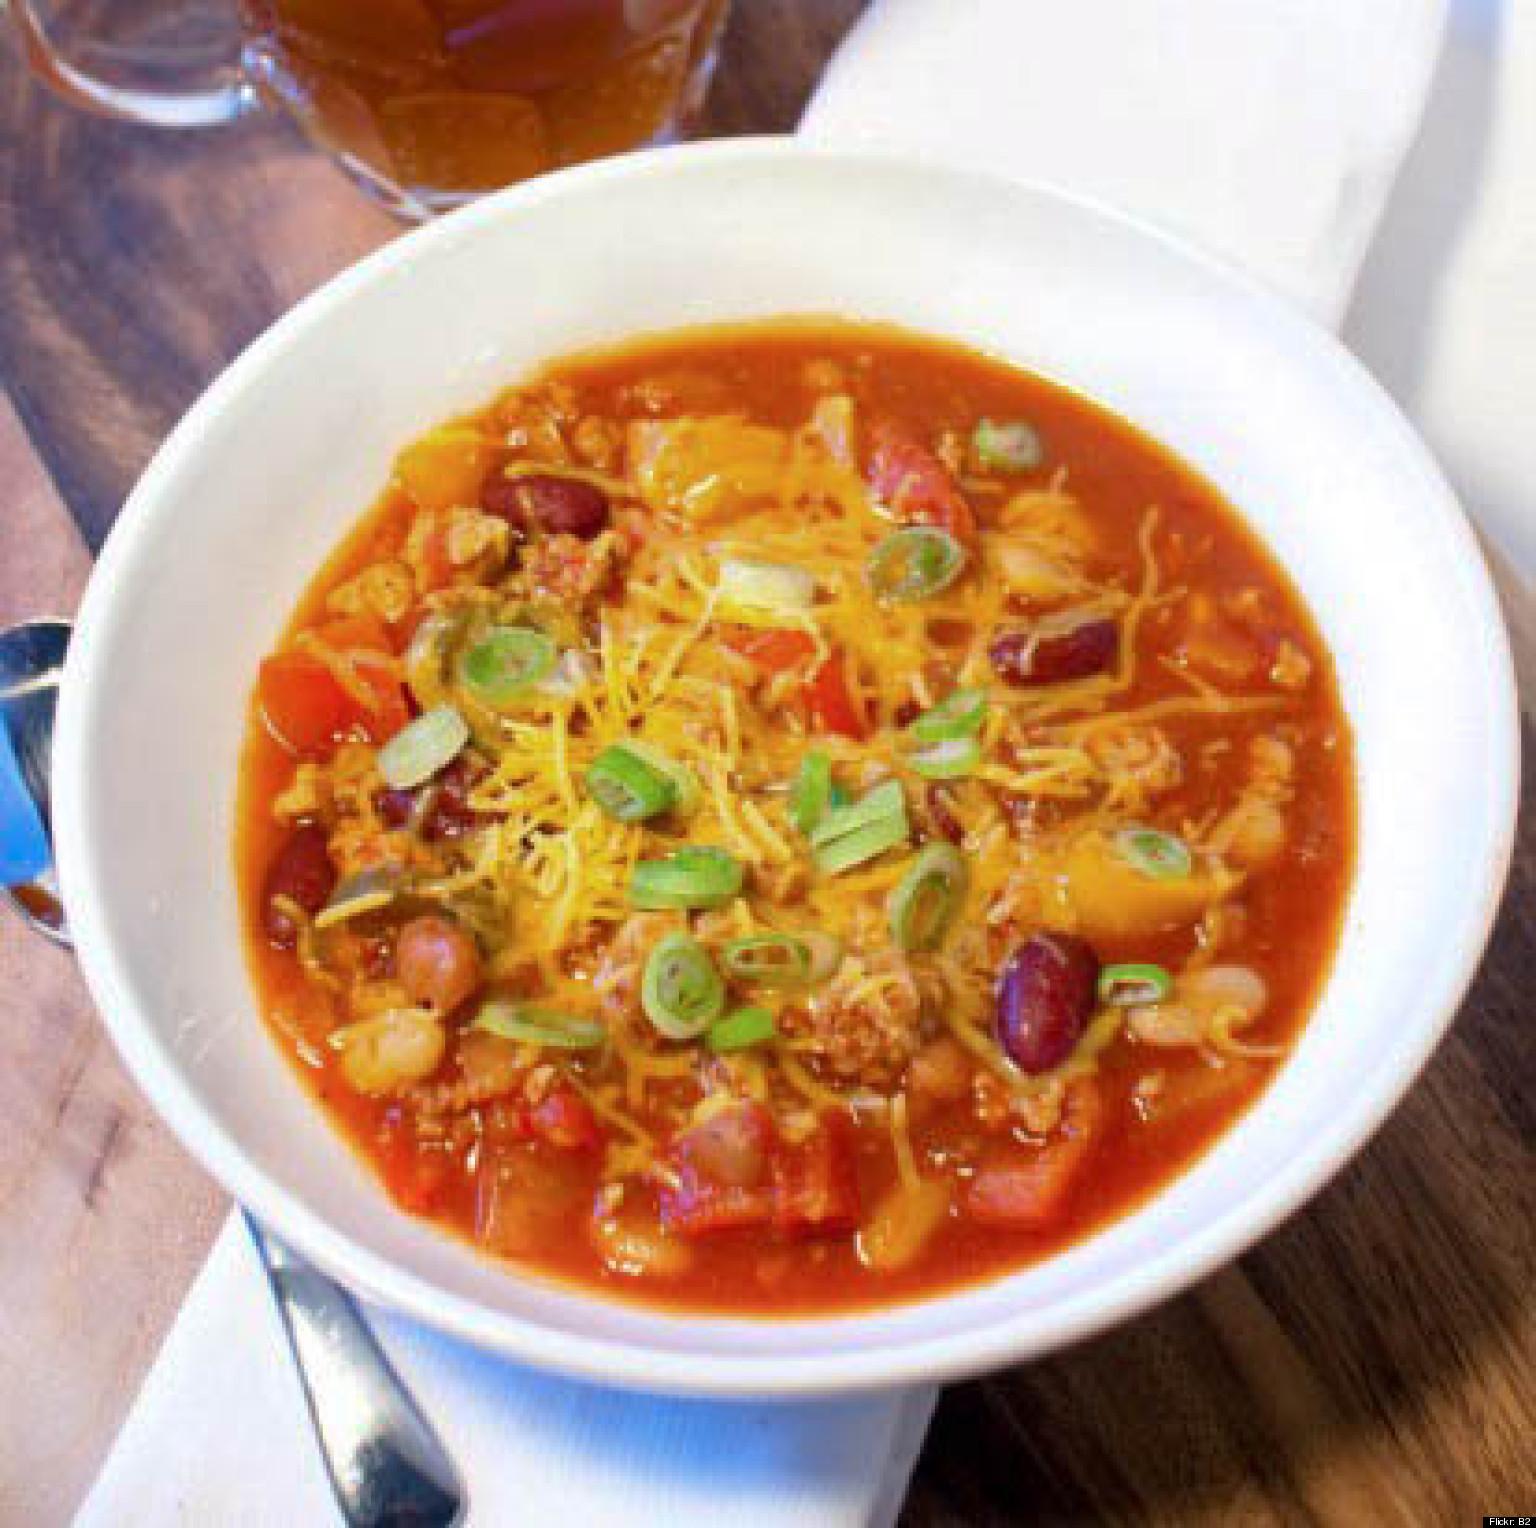 77 Healthy Crock-Pot Recipes